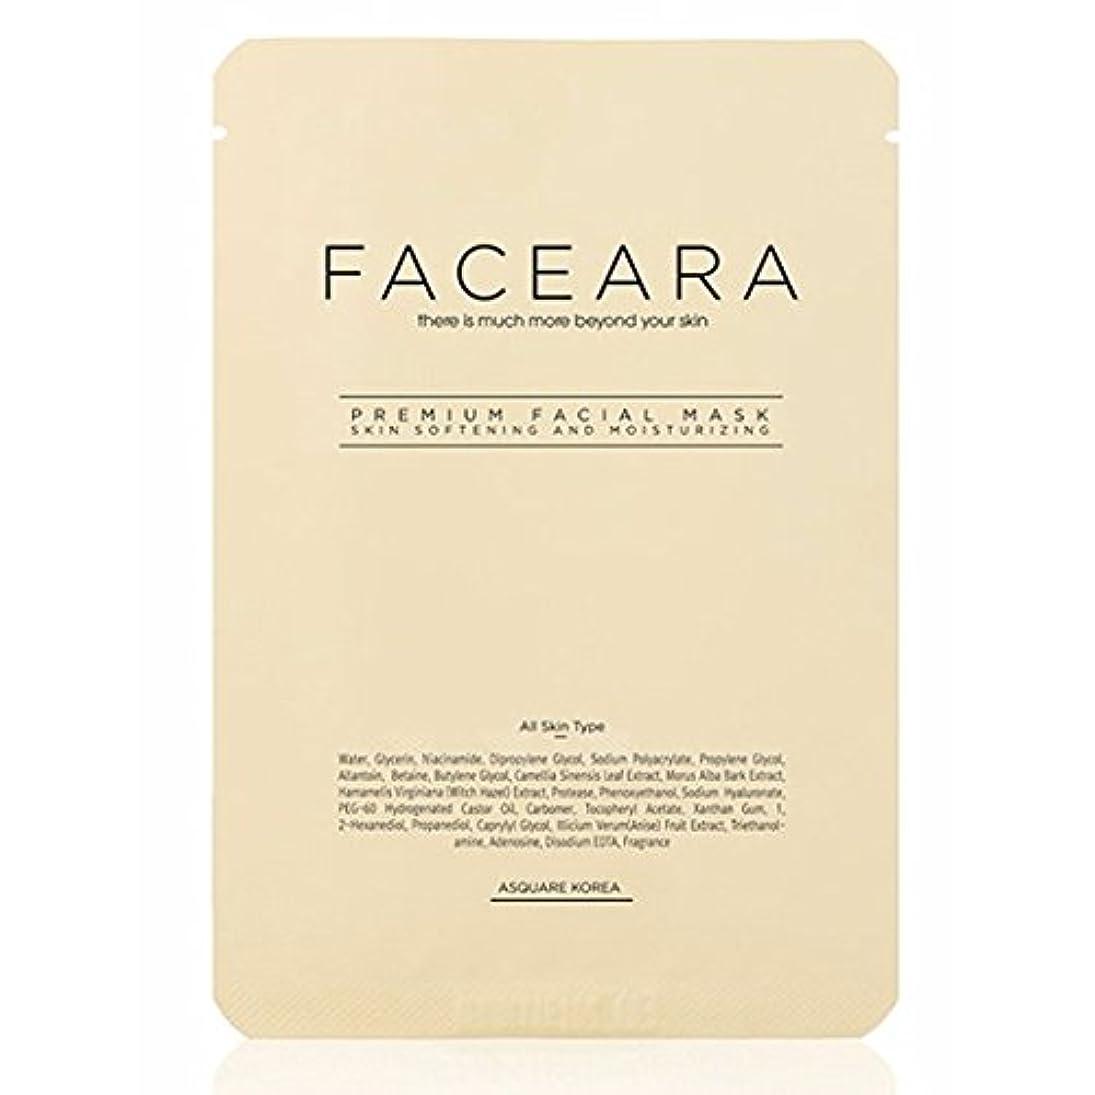 あさり通り本当のことを言うと[並行輸入品] FACEARA スクラブ&スーパーモイスチャライザー用プレミアムフェイシャルマスクシート25g 5本セット / FACEARA Premium Facial Mask Sheet for Scrub &...